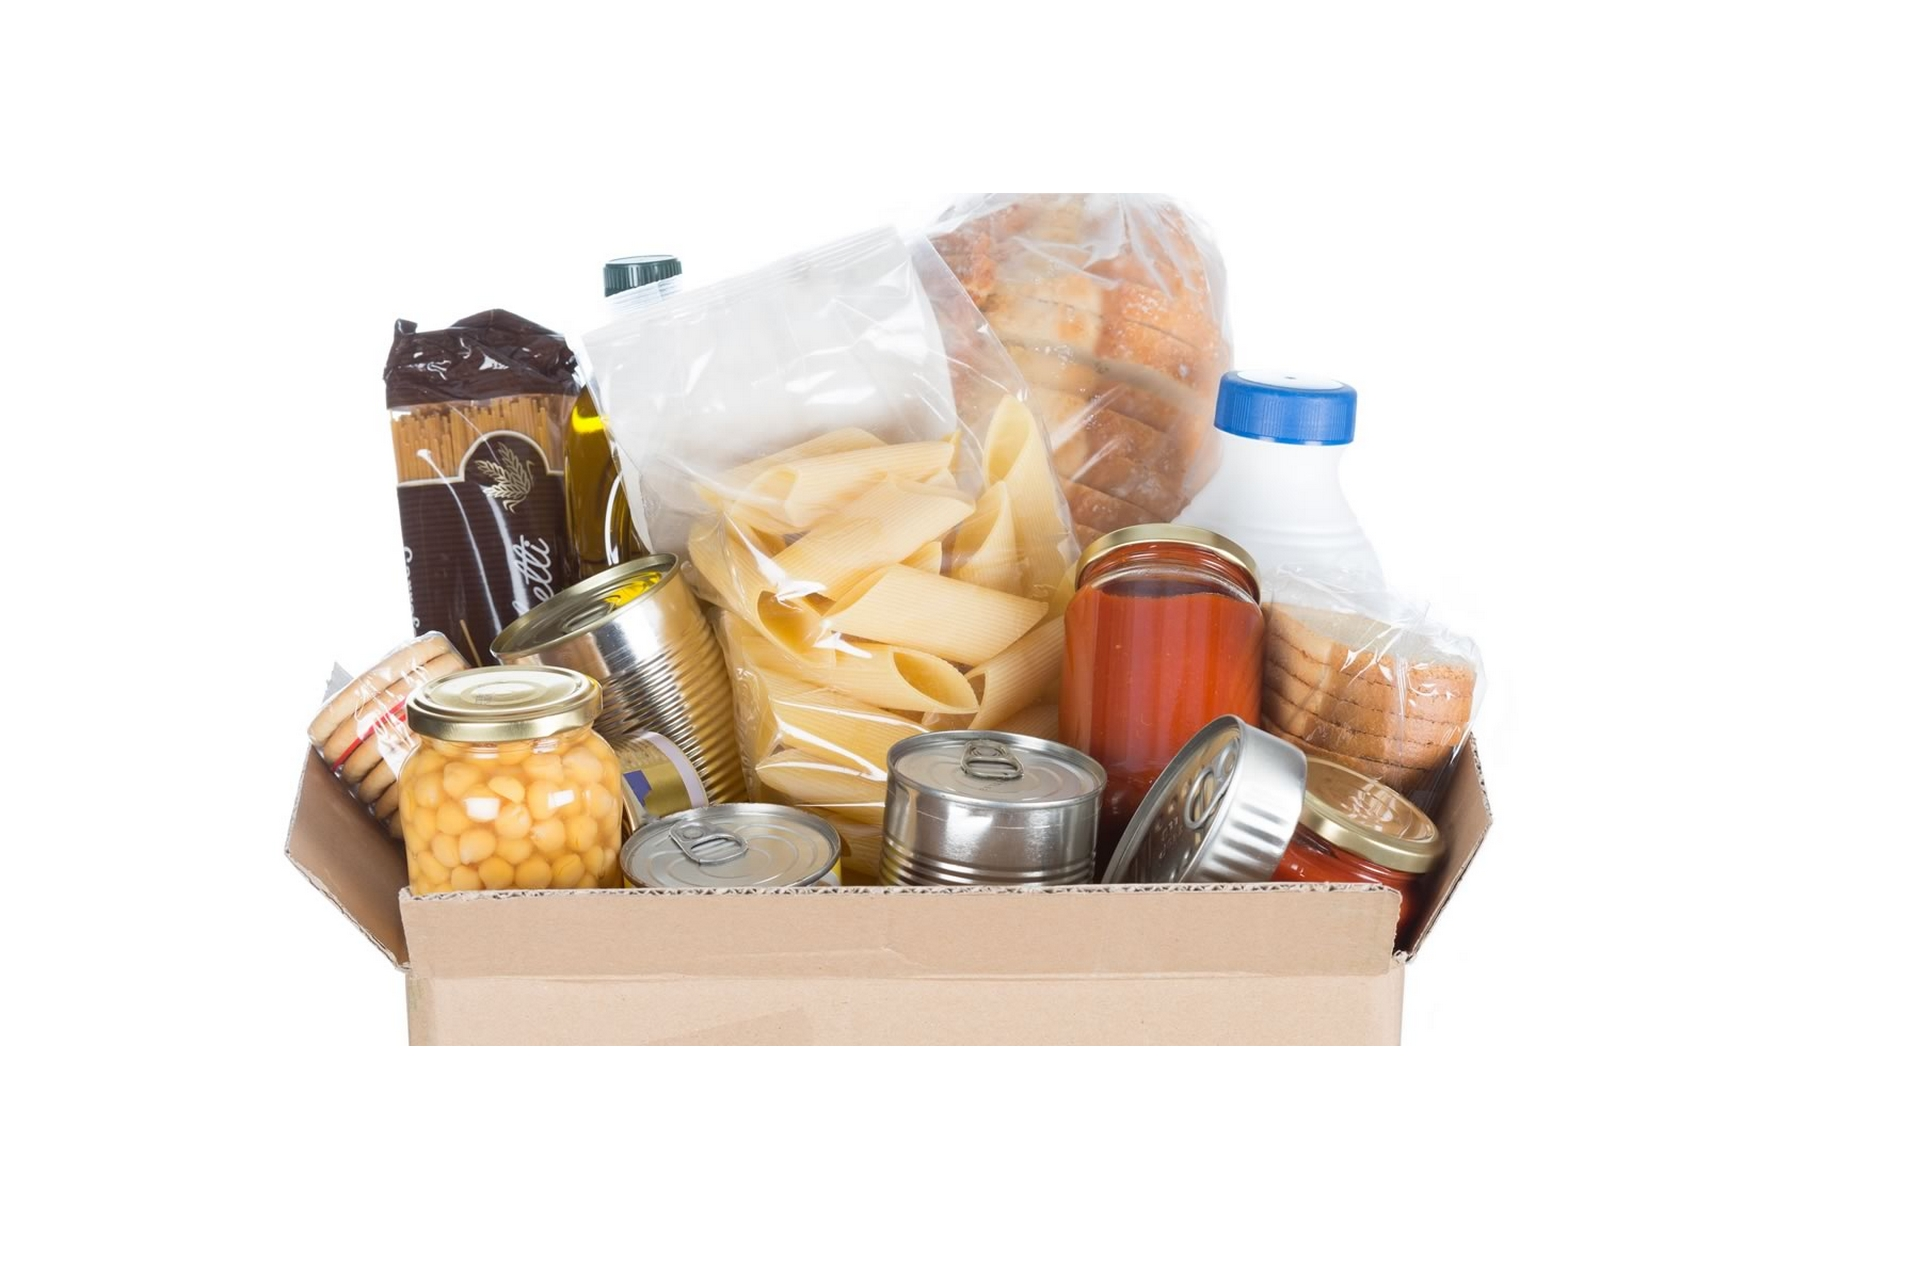 Scatolone della spesa con prodotti senza etichetta